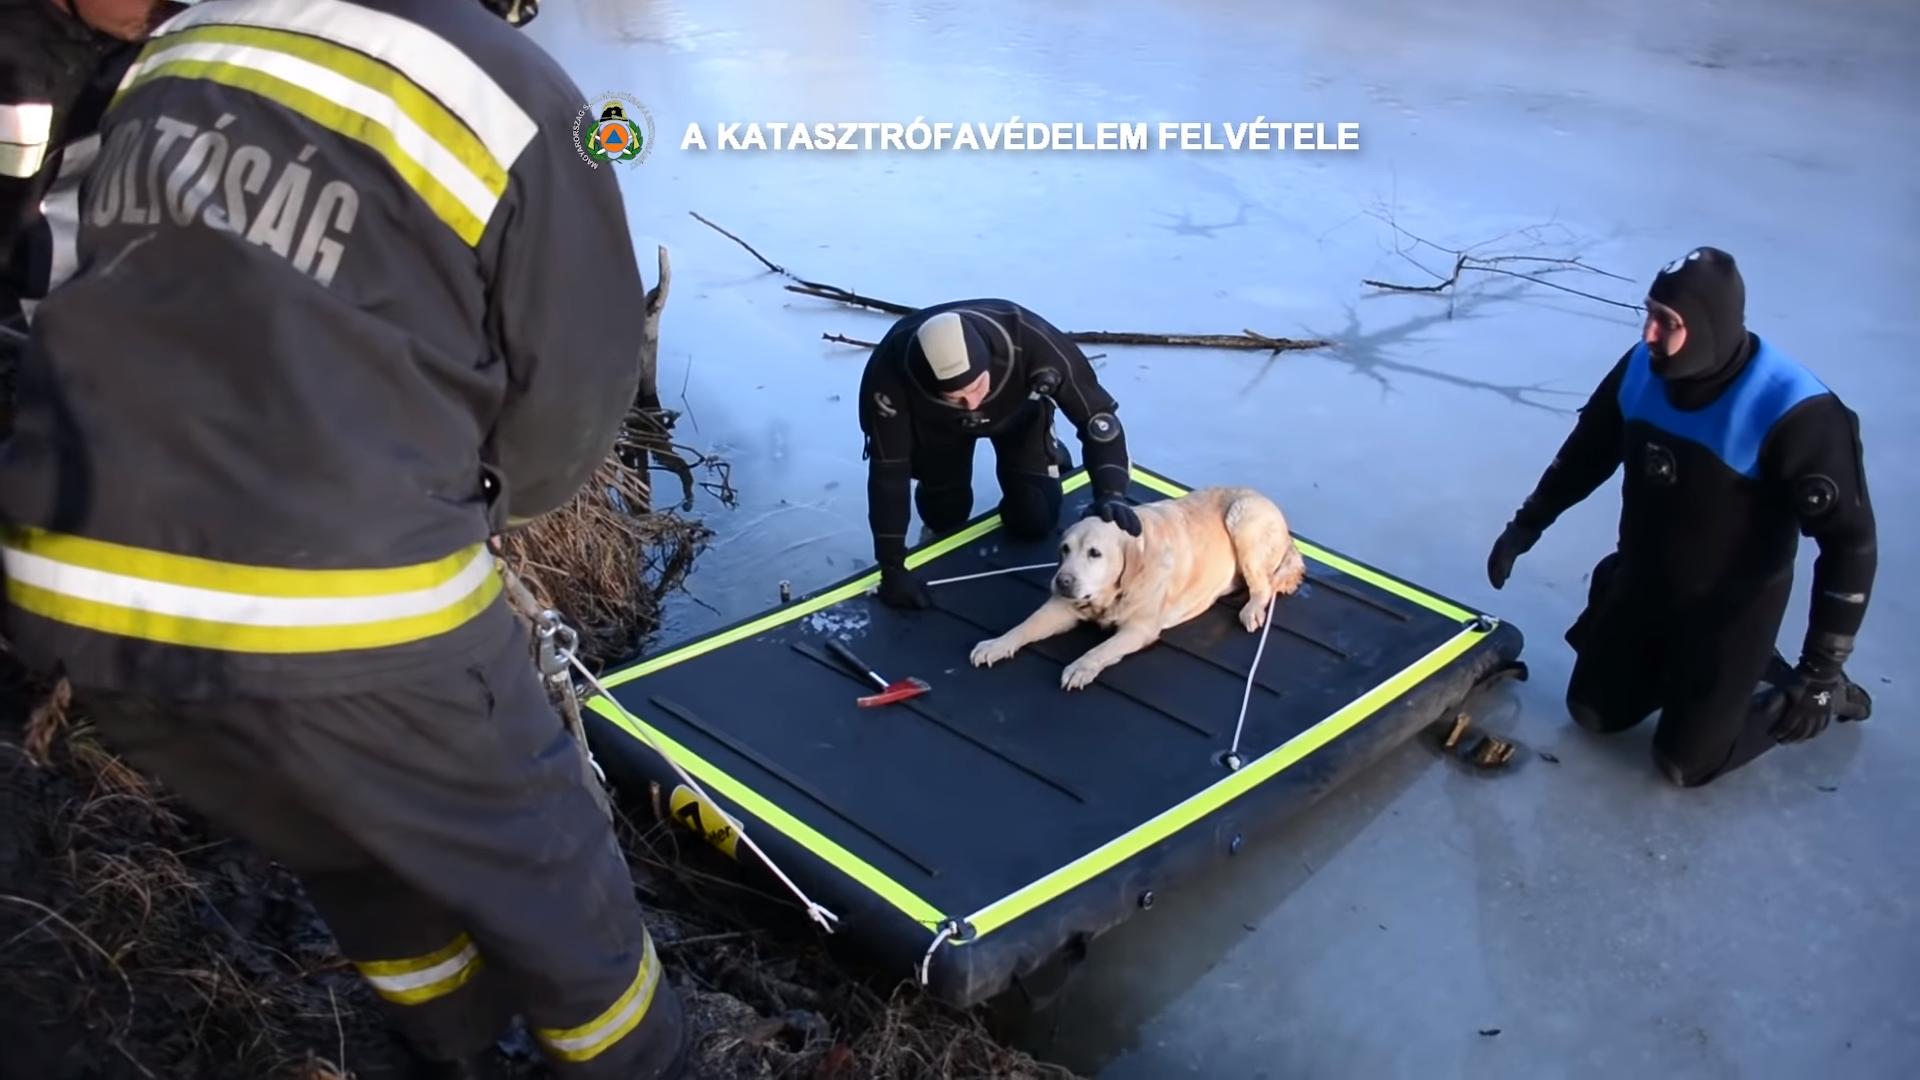 Pécel, dog, rescue, lake